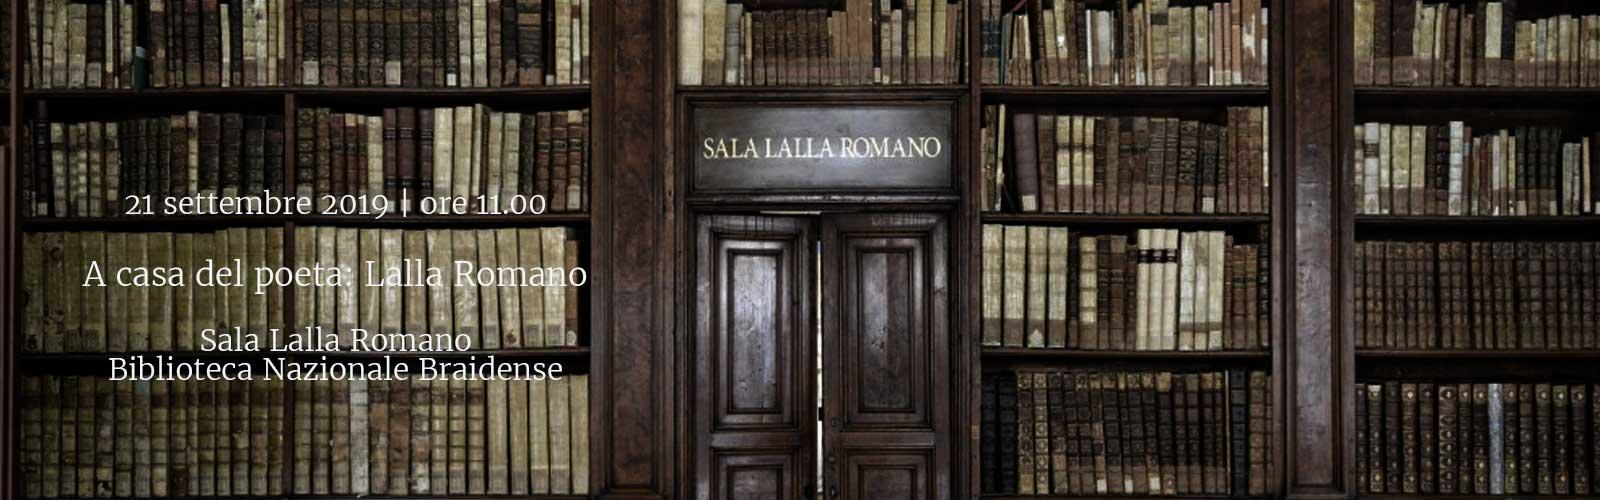 A casa del poeta: Lalla Romano